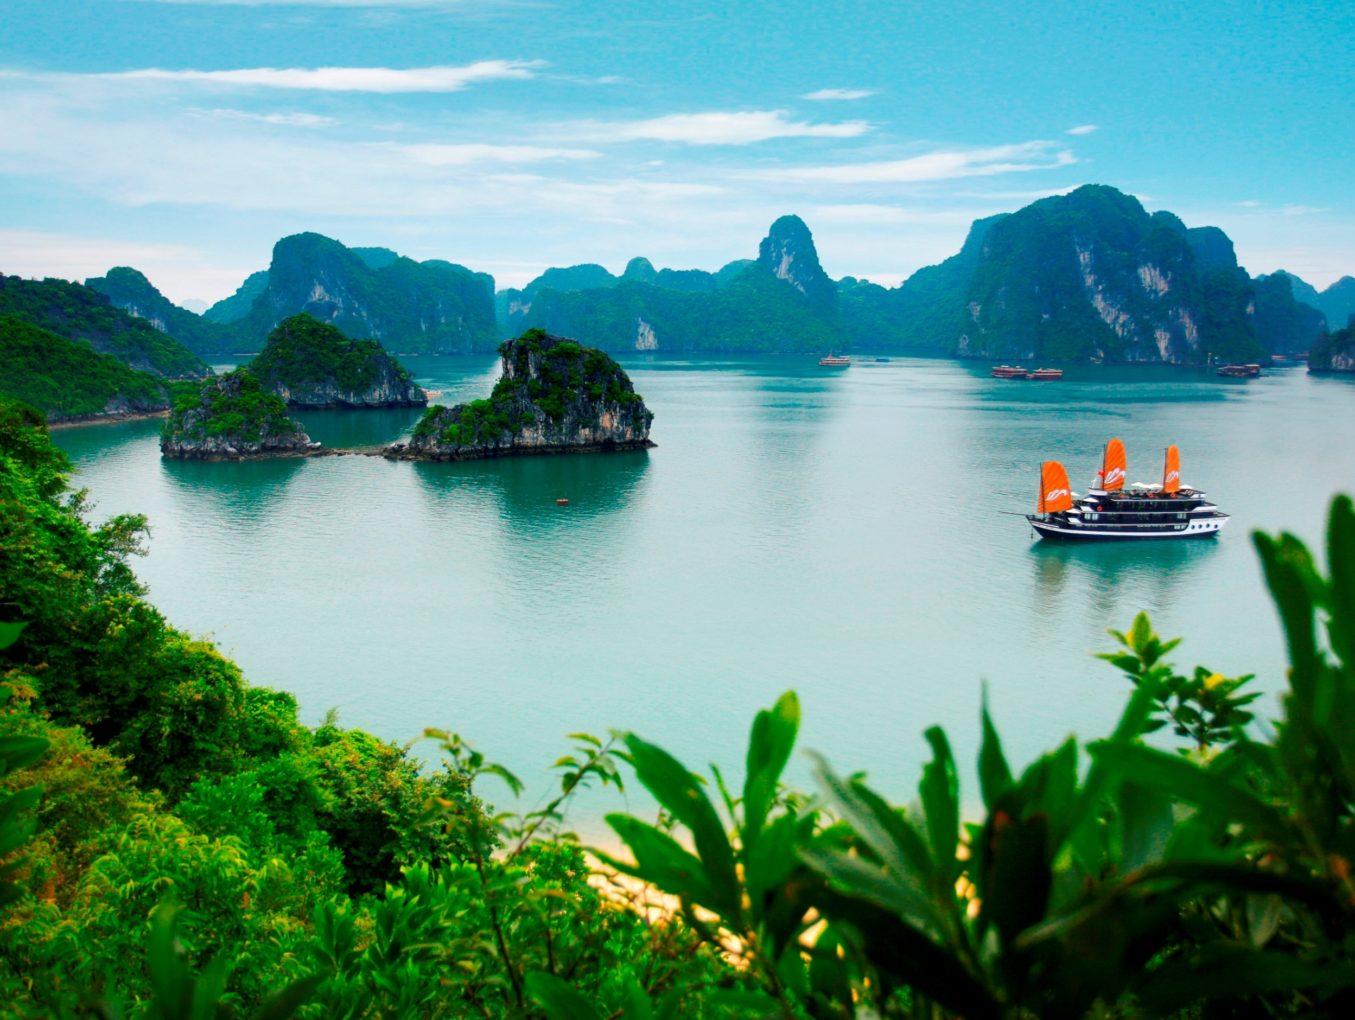 Новый аттракцион для туристов появится во Вьетнаме